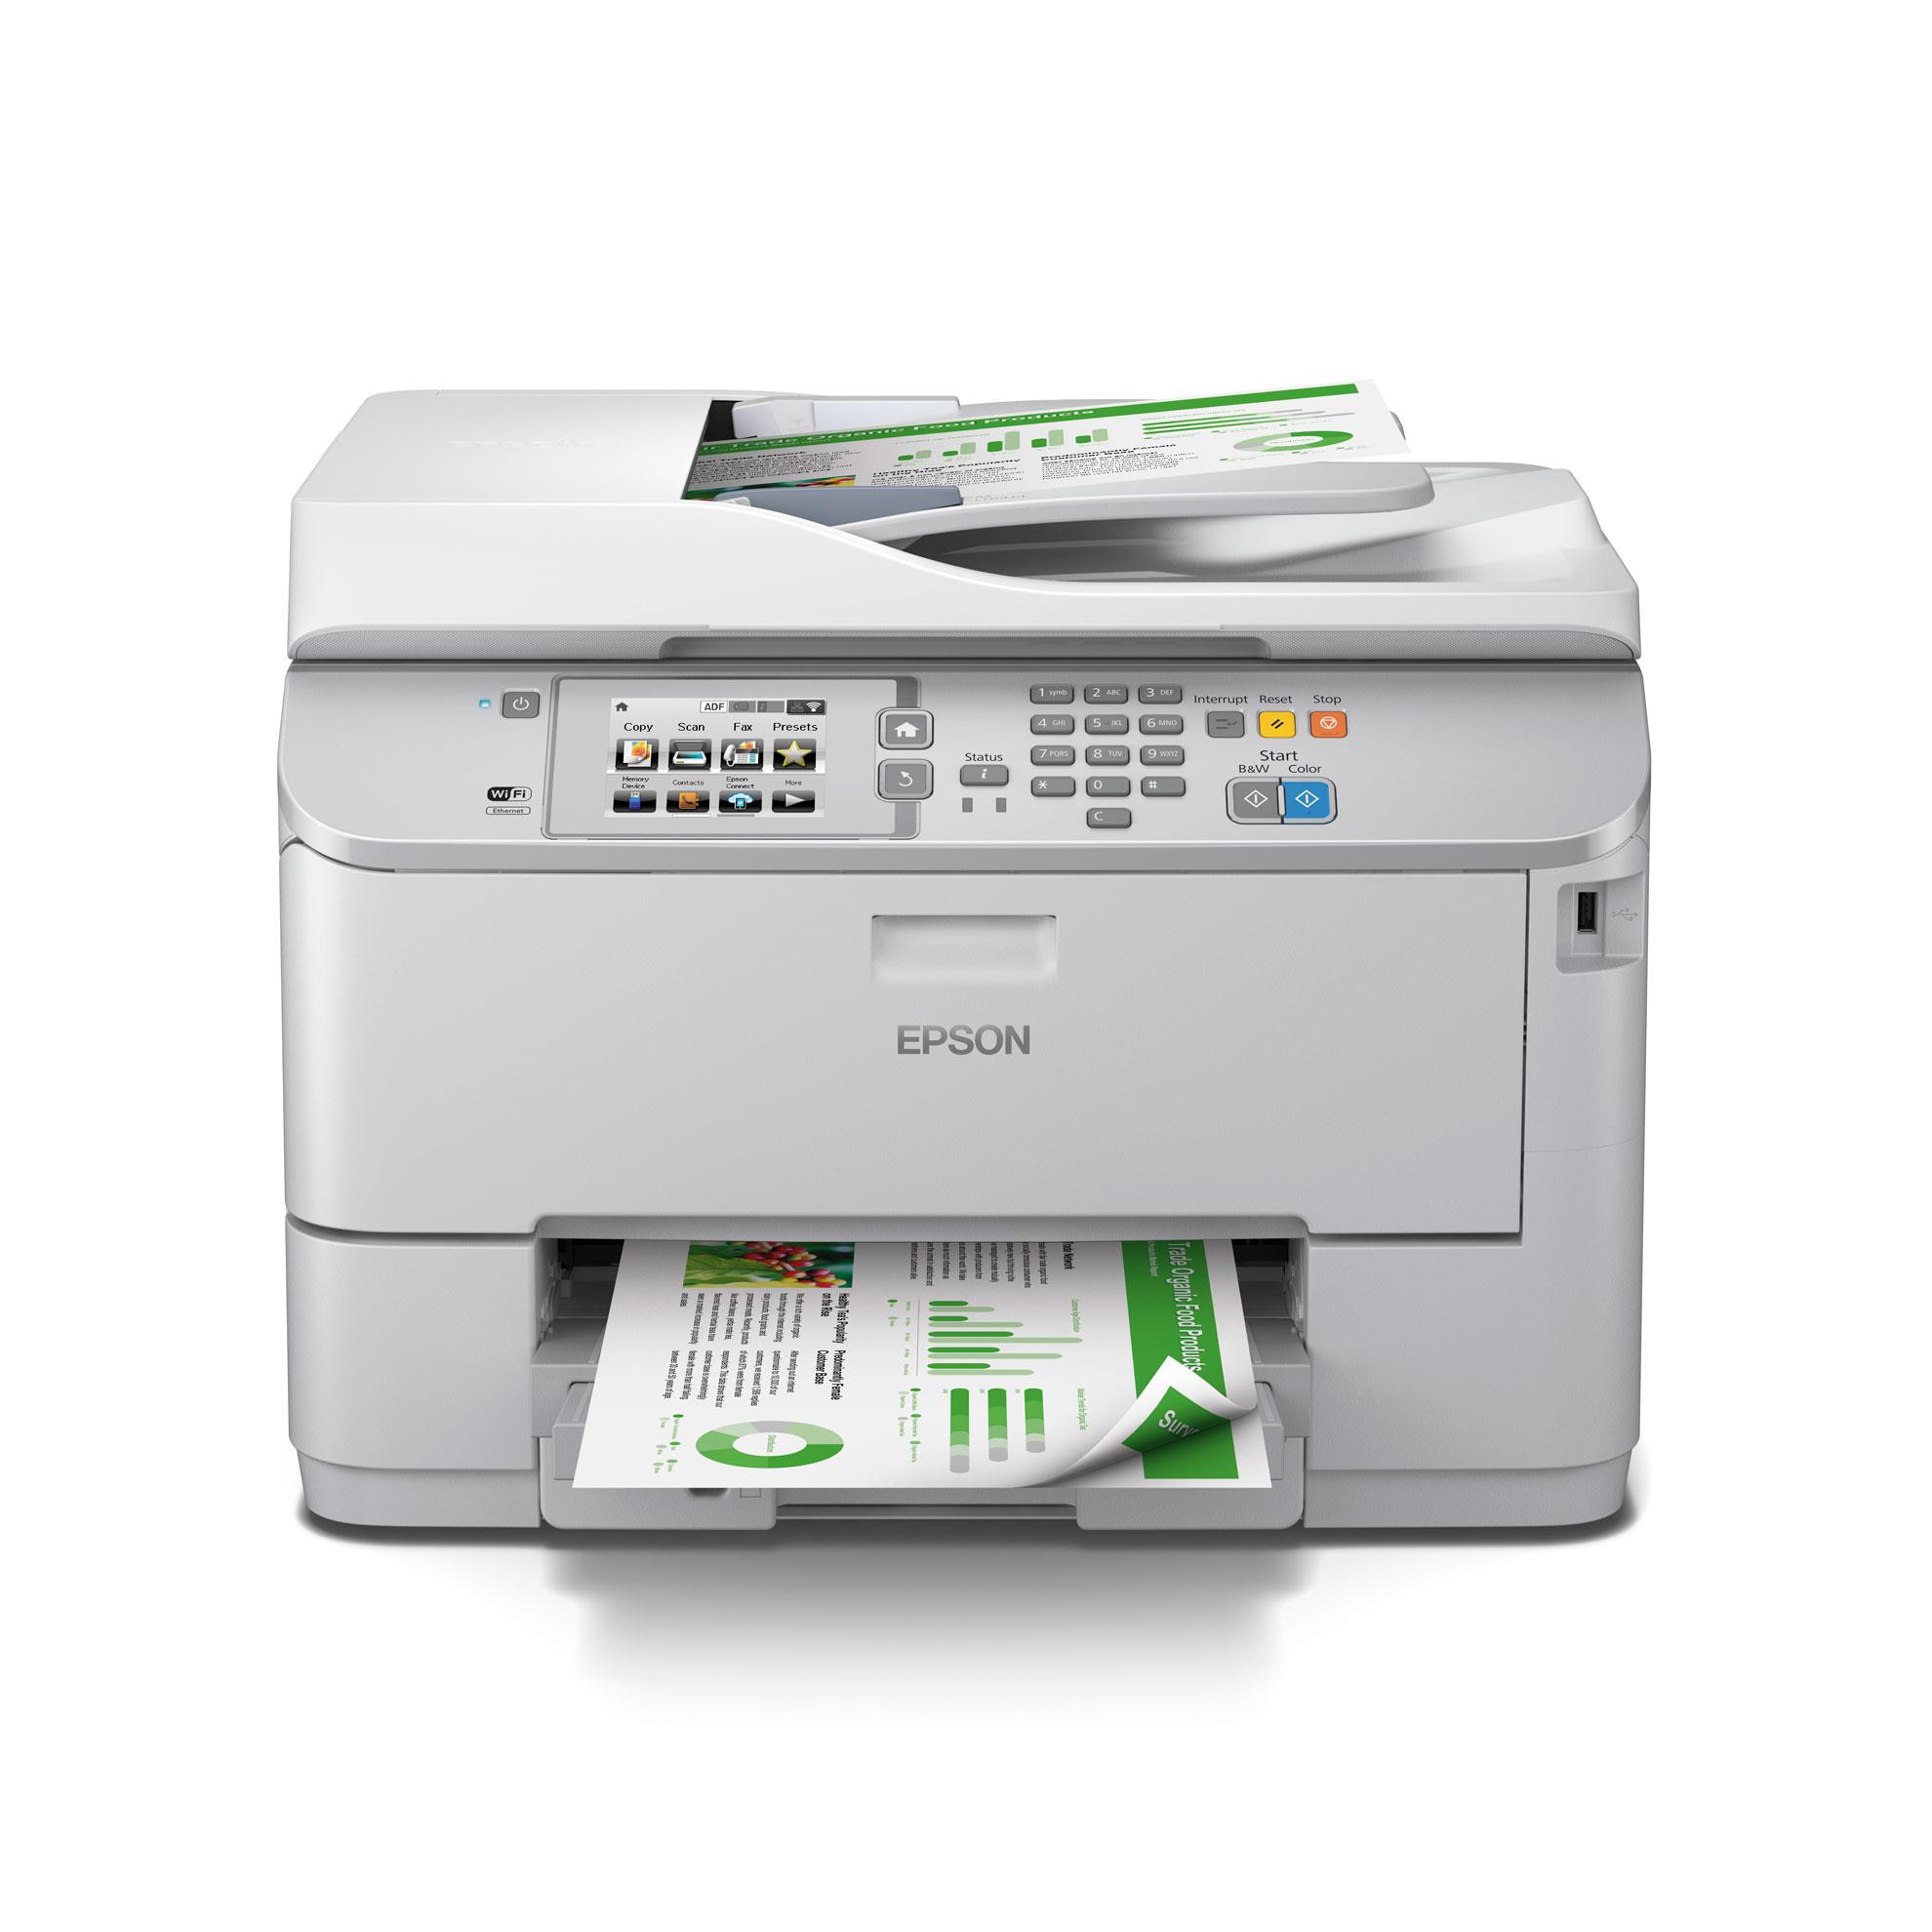 Epson predstavlja budućnost poslovnog ispisa – promovira korištenje povoljnih inkjet pisača, umjesto laserskih, za poslovne korisnike